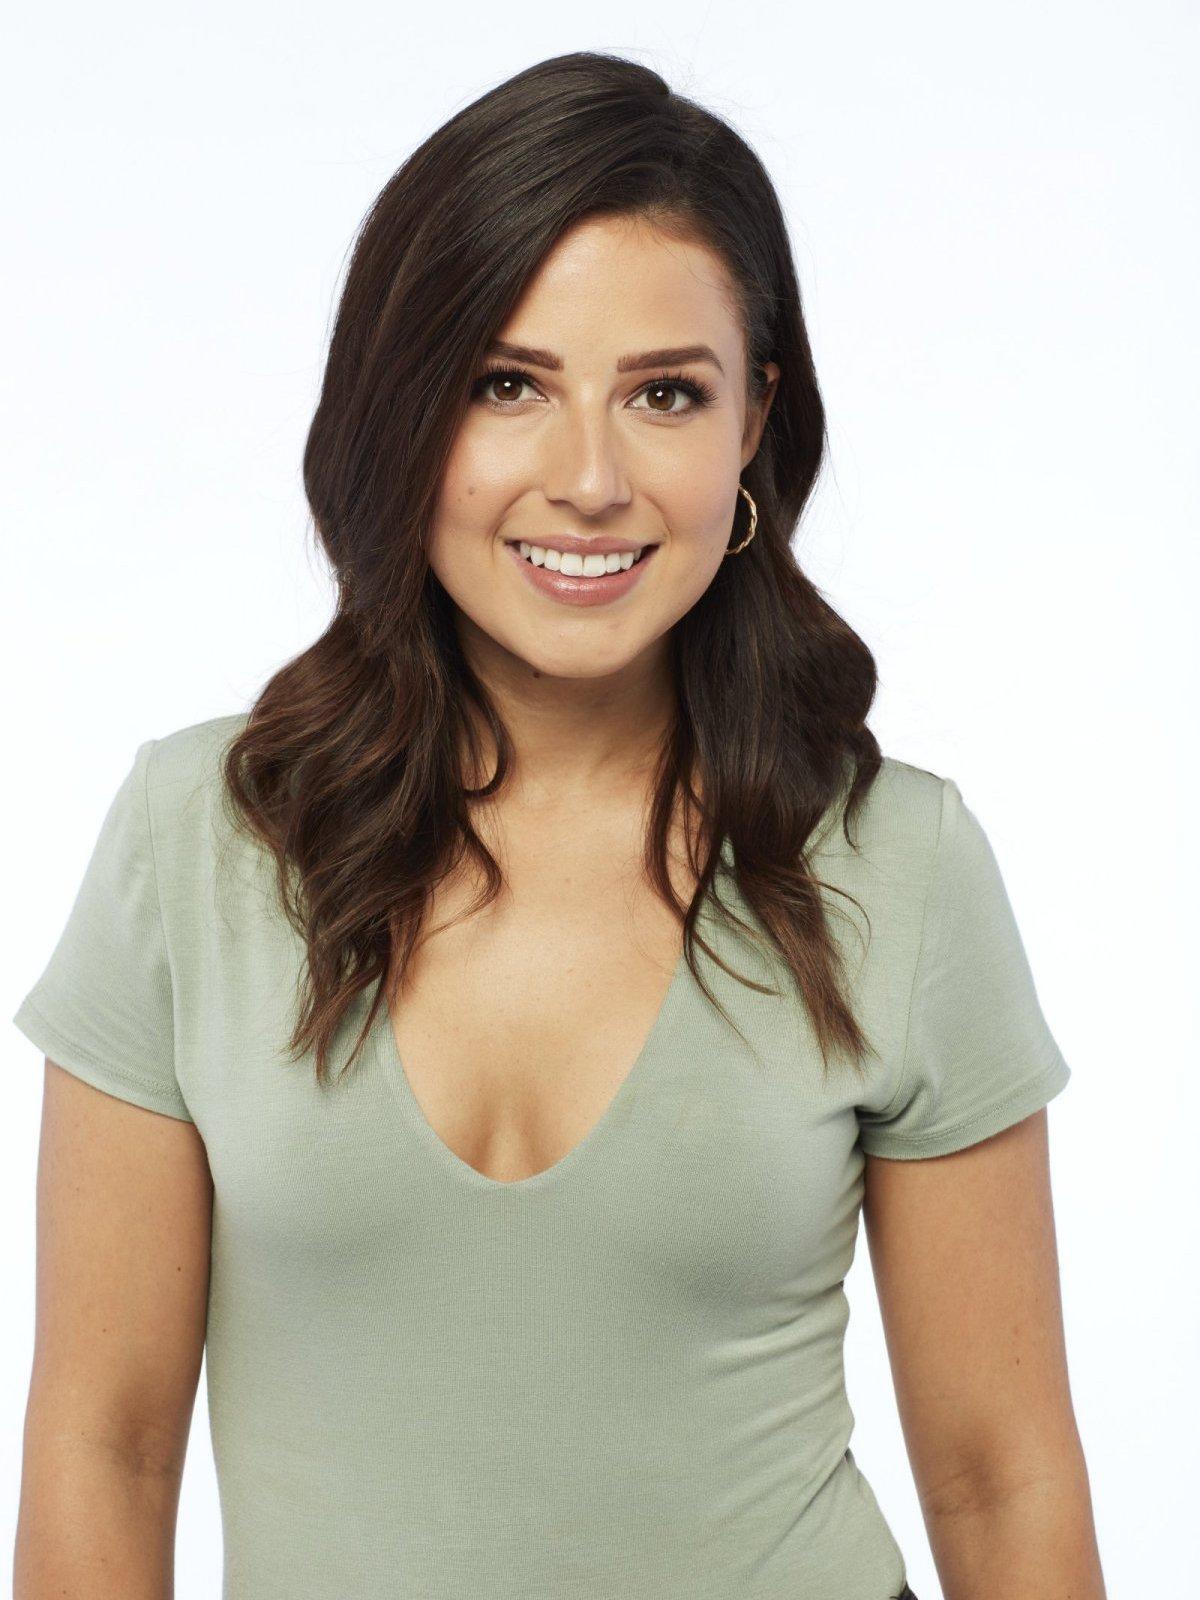 Katie Thurston